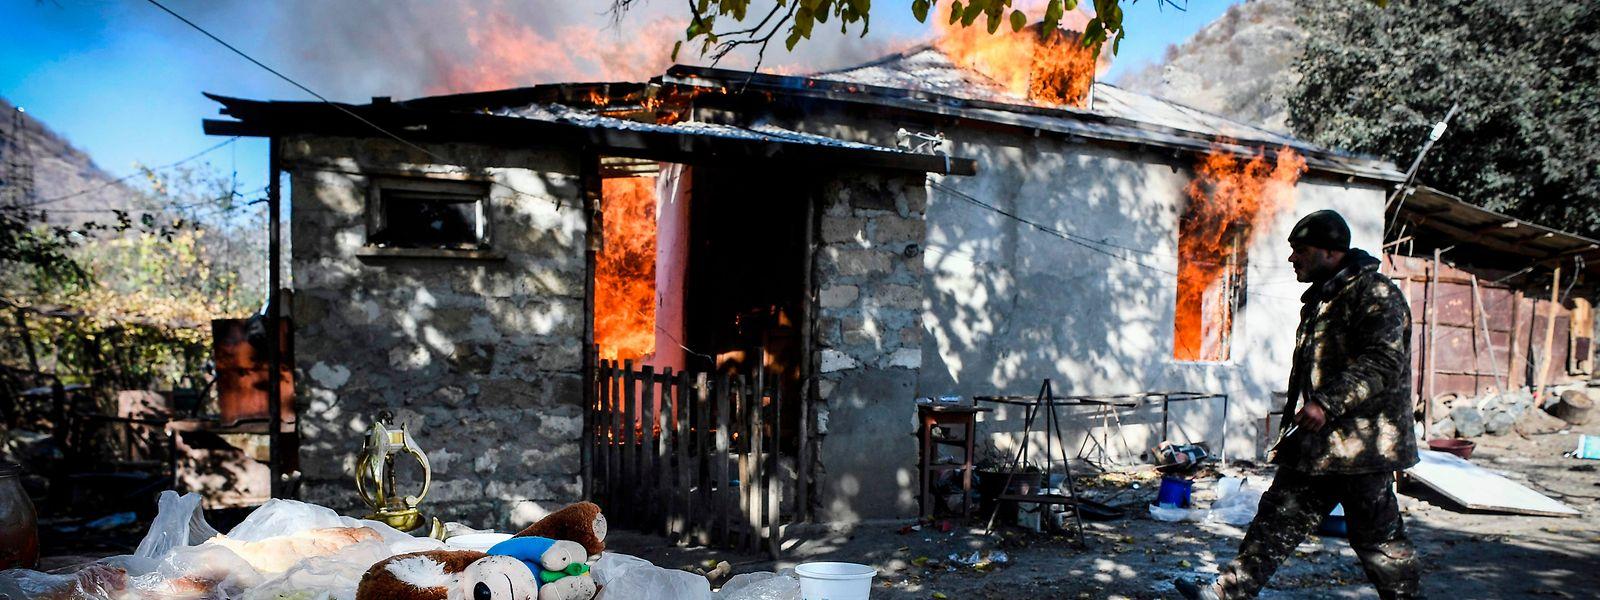 Verbrannte Erde: Viele Armenier, die ihre Heimat infolge des Abkommens verlassen müssen, zünden ihre Häuser an, um dem Feind nichts zu hinterlassen.